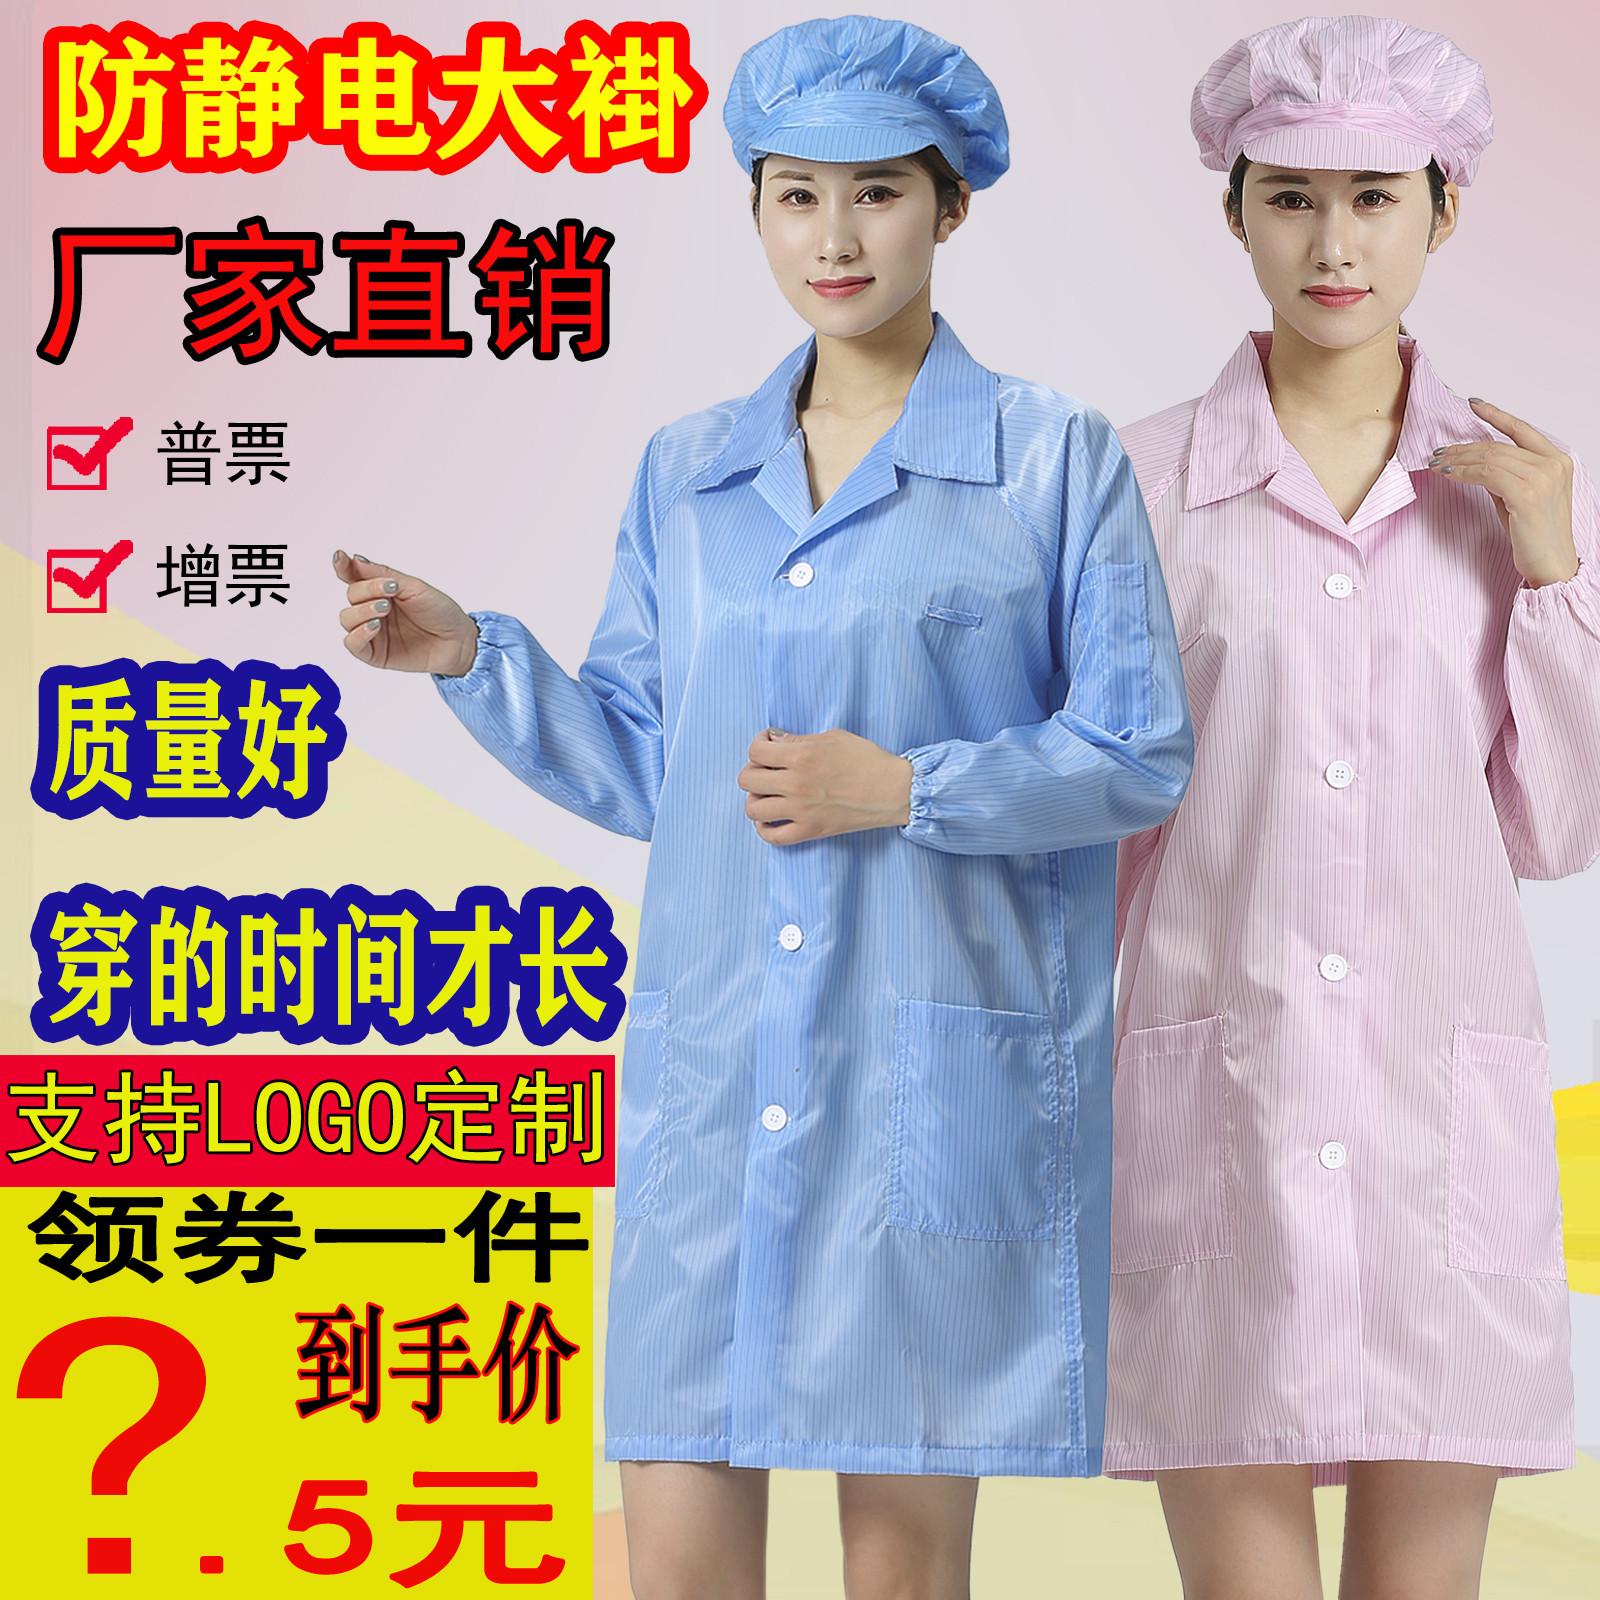 领券 静电衣 工作服蓝色大褂式防护无尘工厂车间男女装食品白粉帽